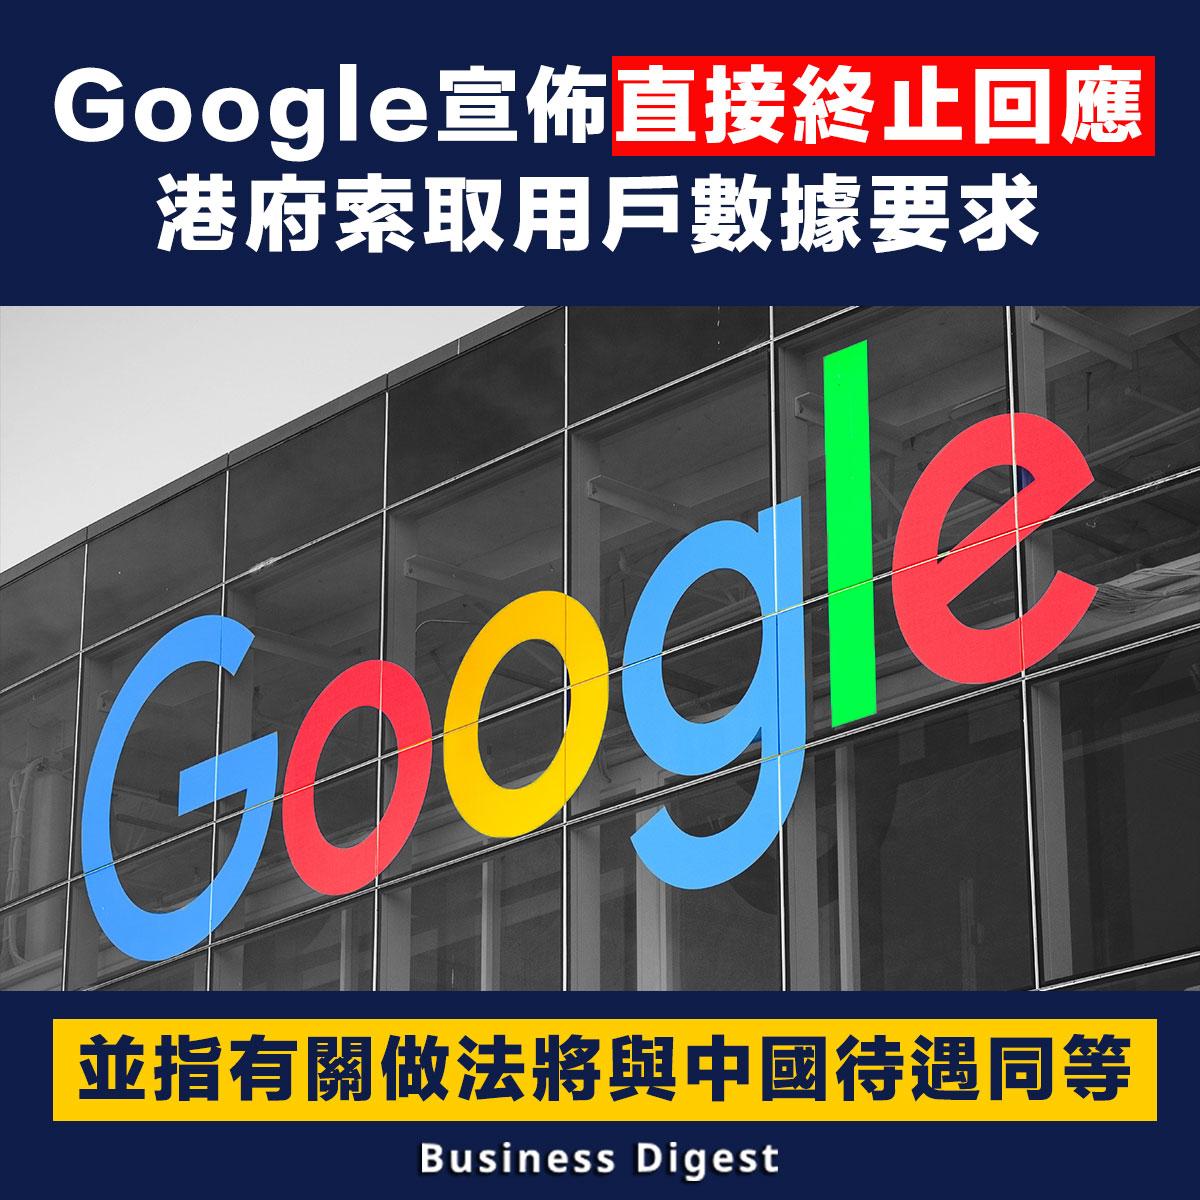 【商業熱話】Google宣佈直接終止回應港府索取用戶數據要求